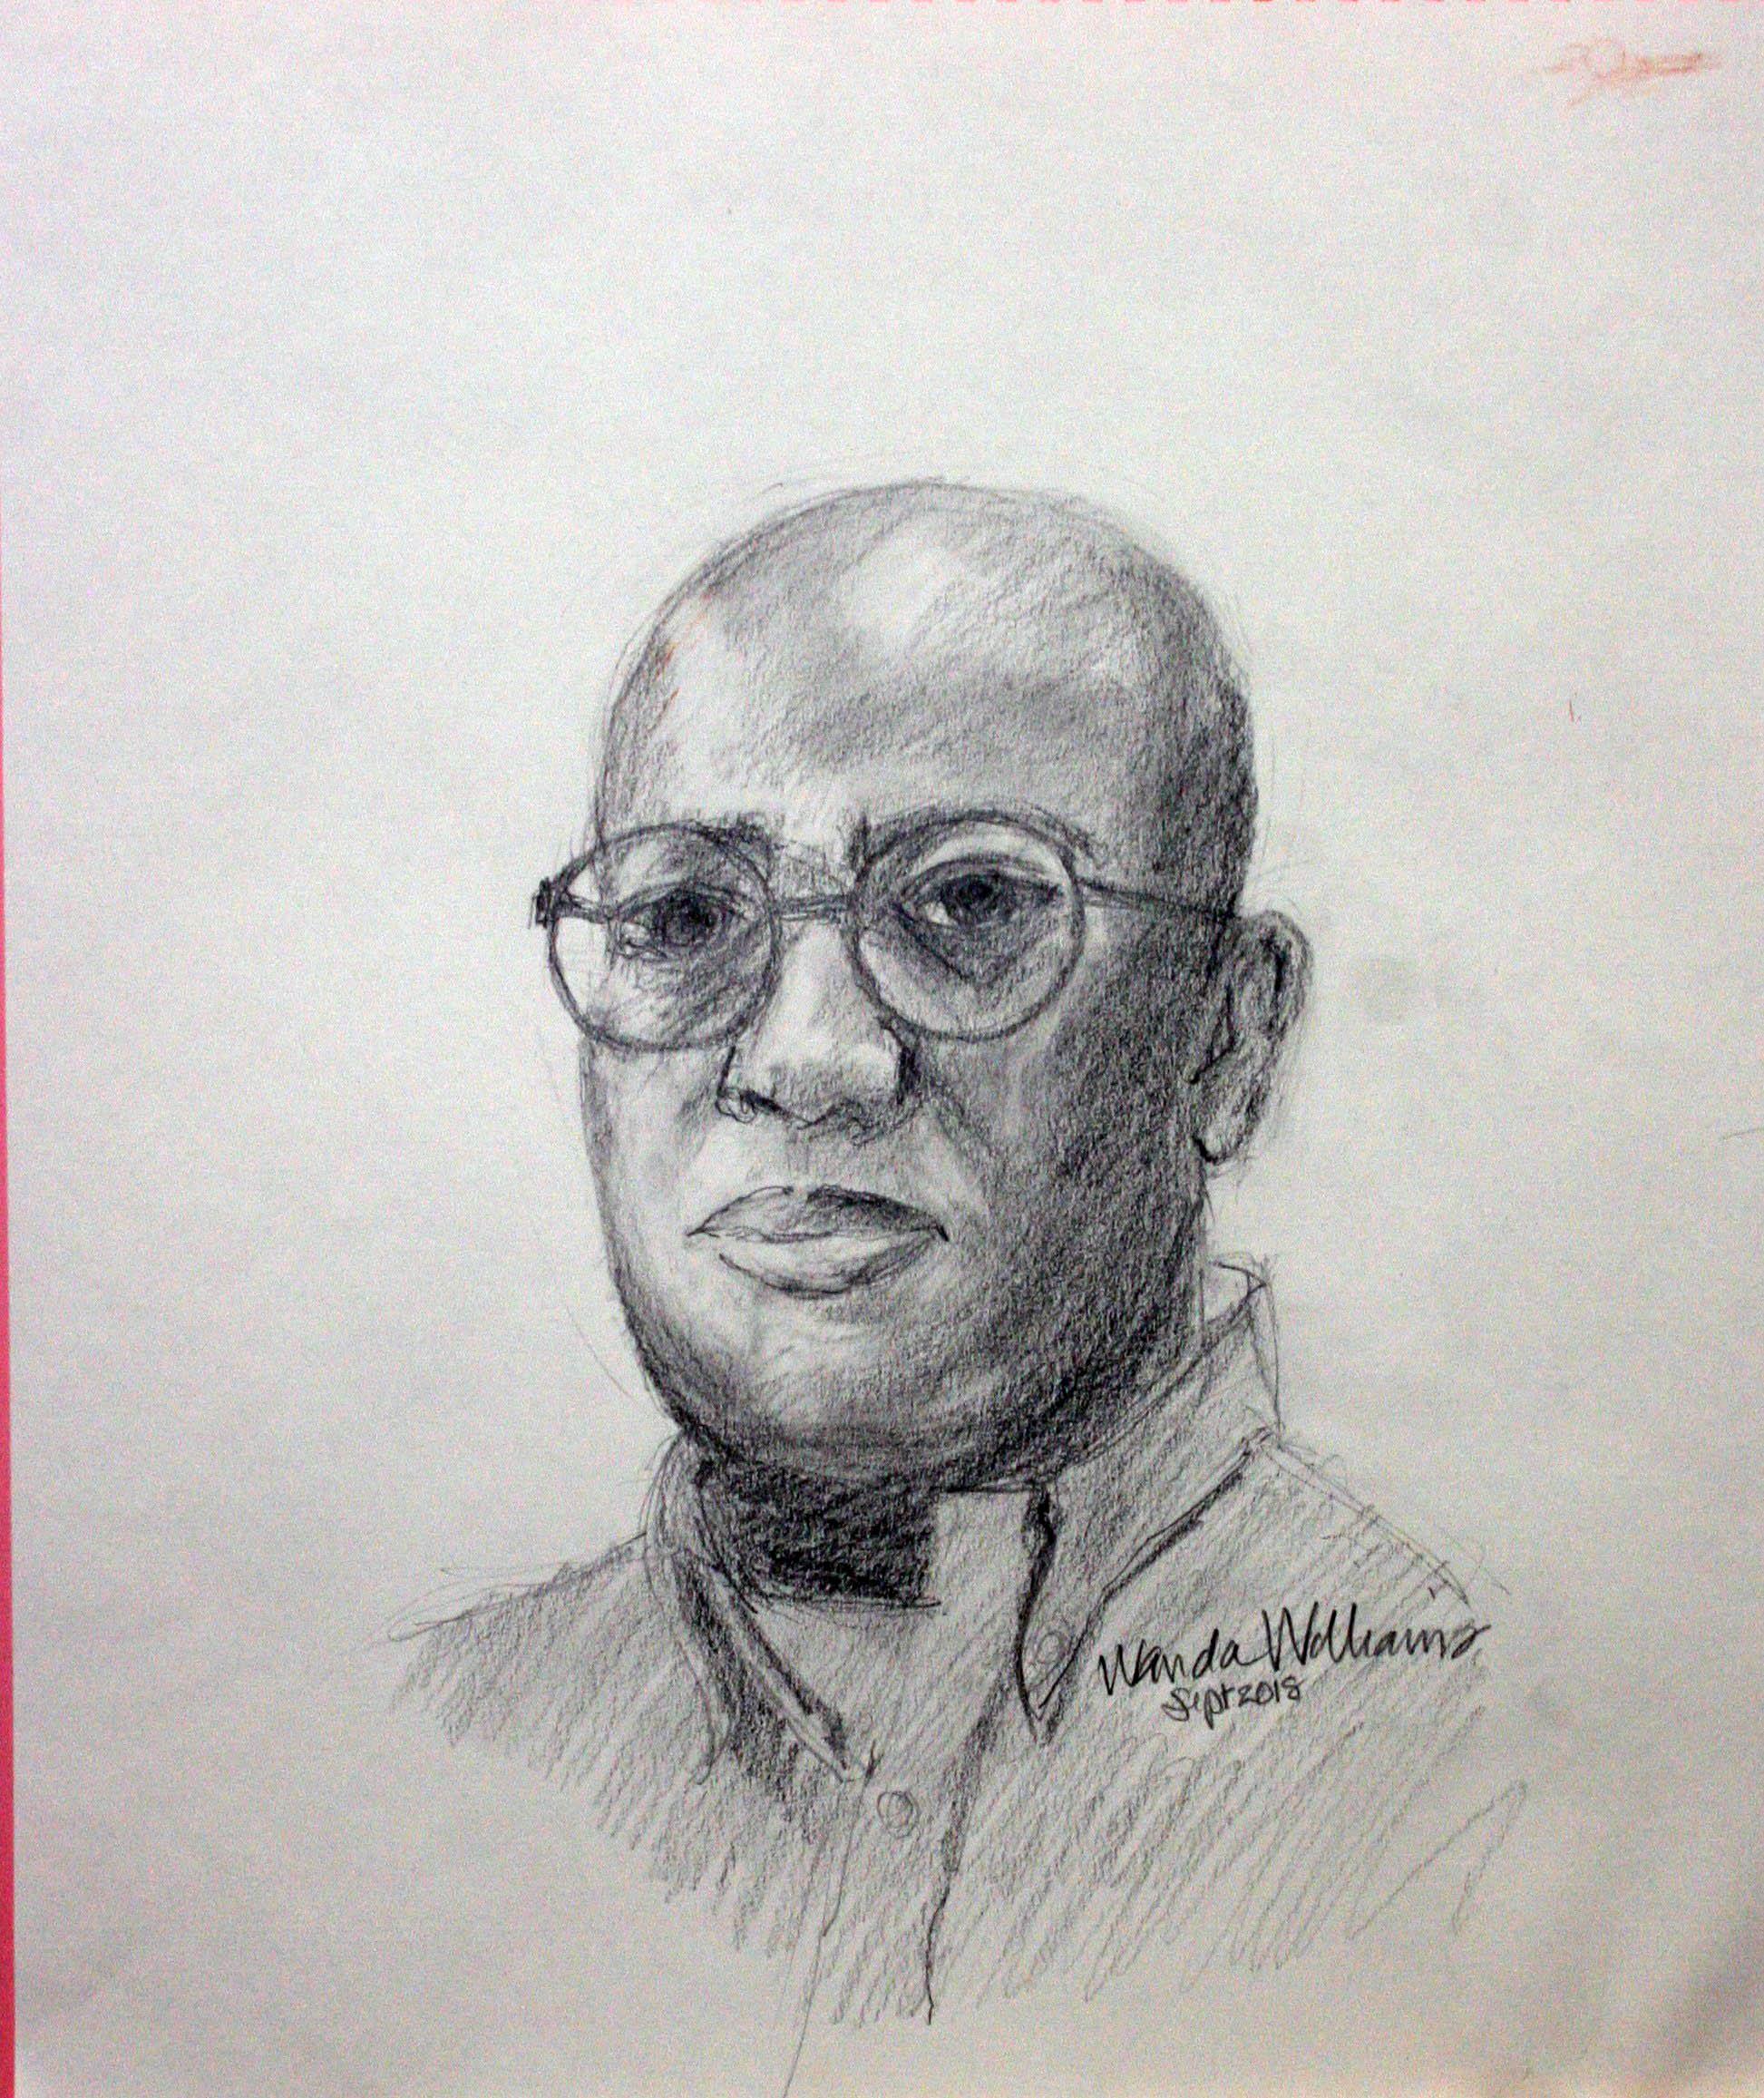 Wanda Williams did this drawing.